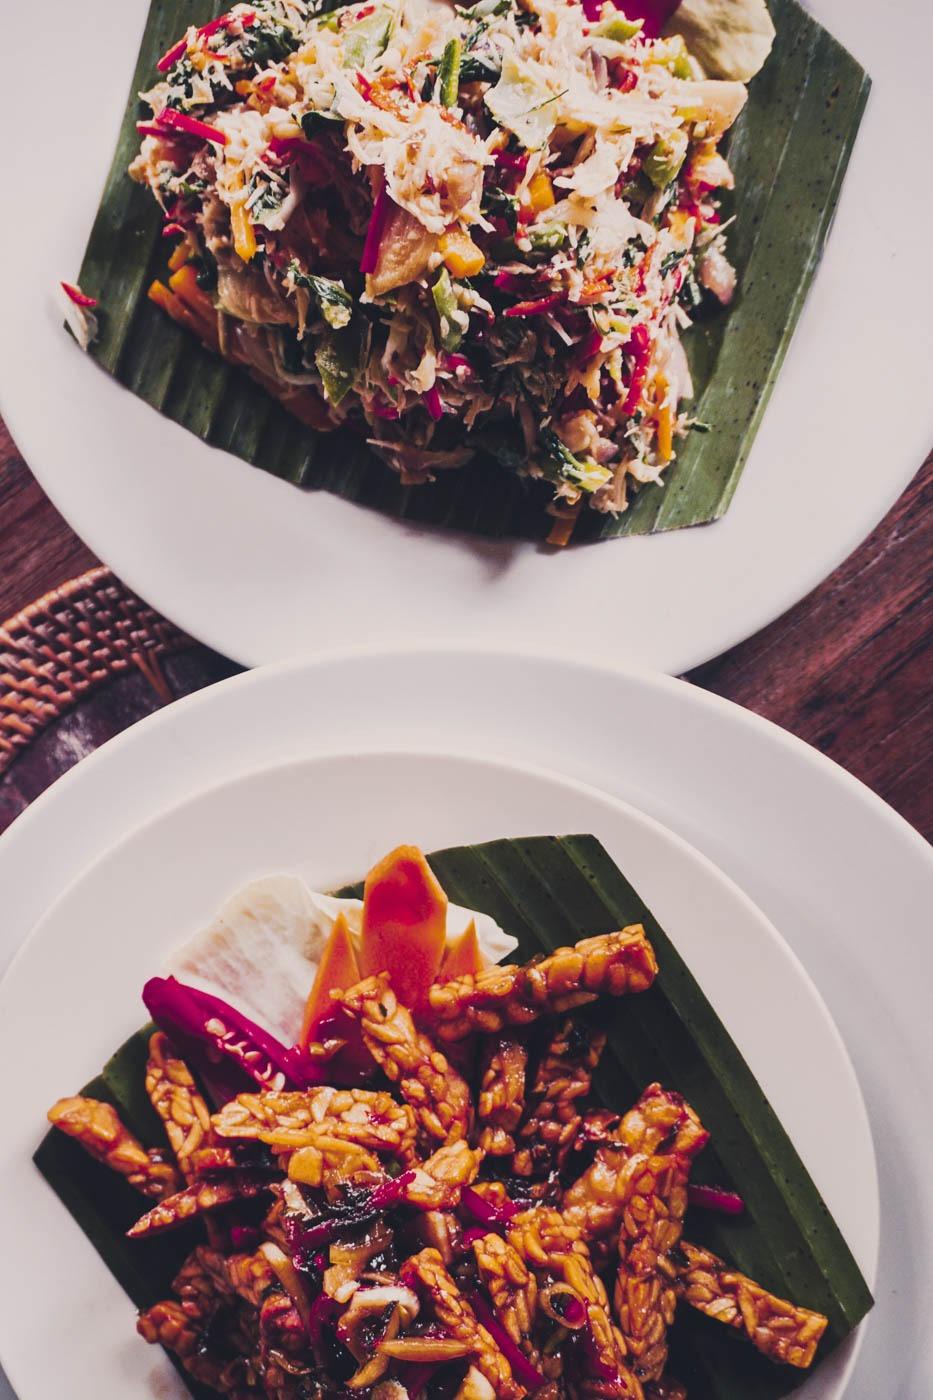 Balinese Cooking Class - Bali Itinerary #traveldestinations #bali #beautifulplaces